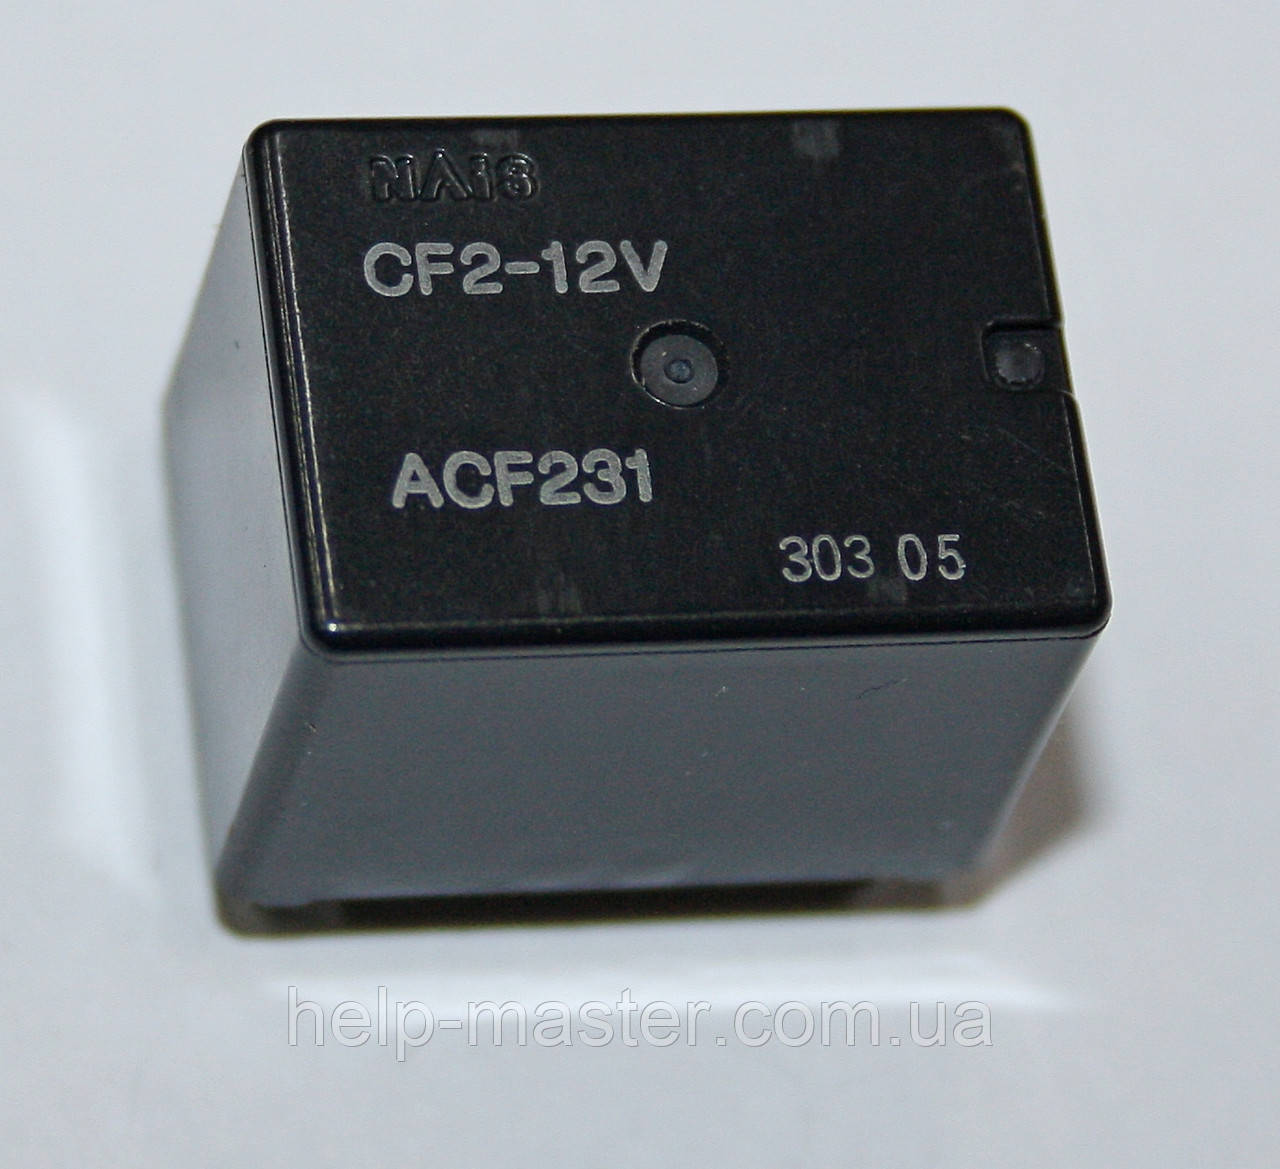 Реле CF2-12V (ACF231)